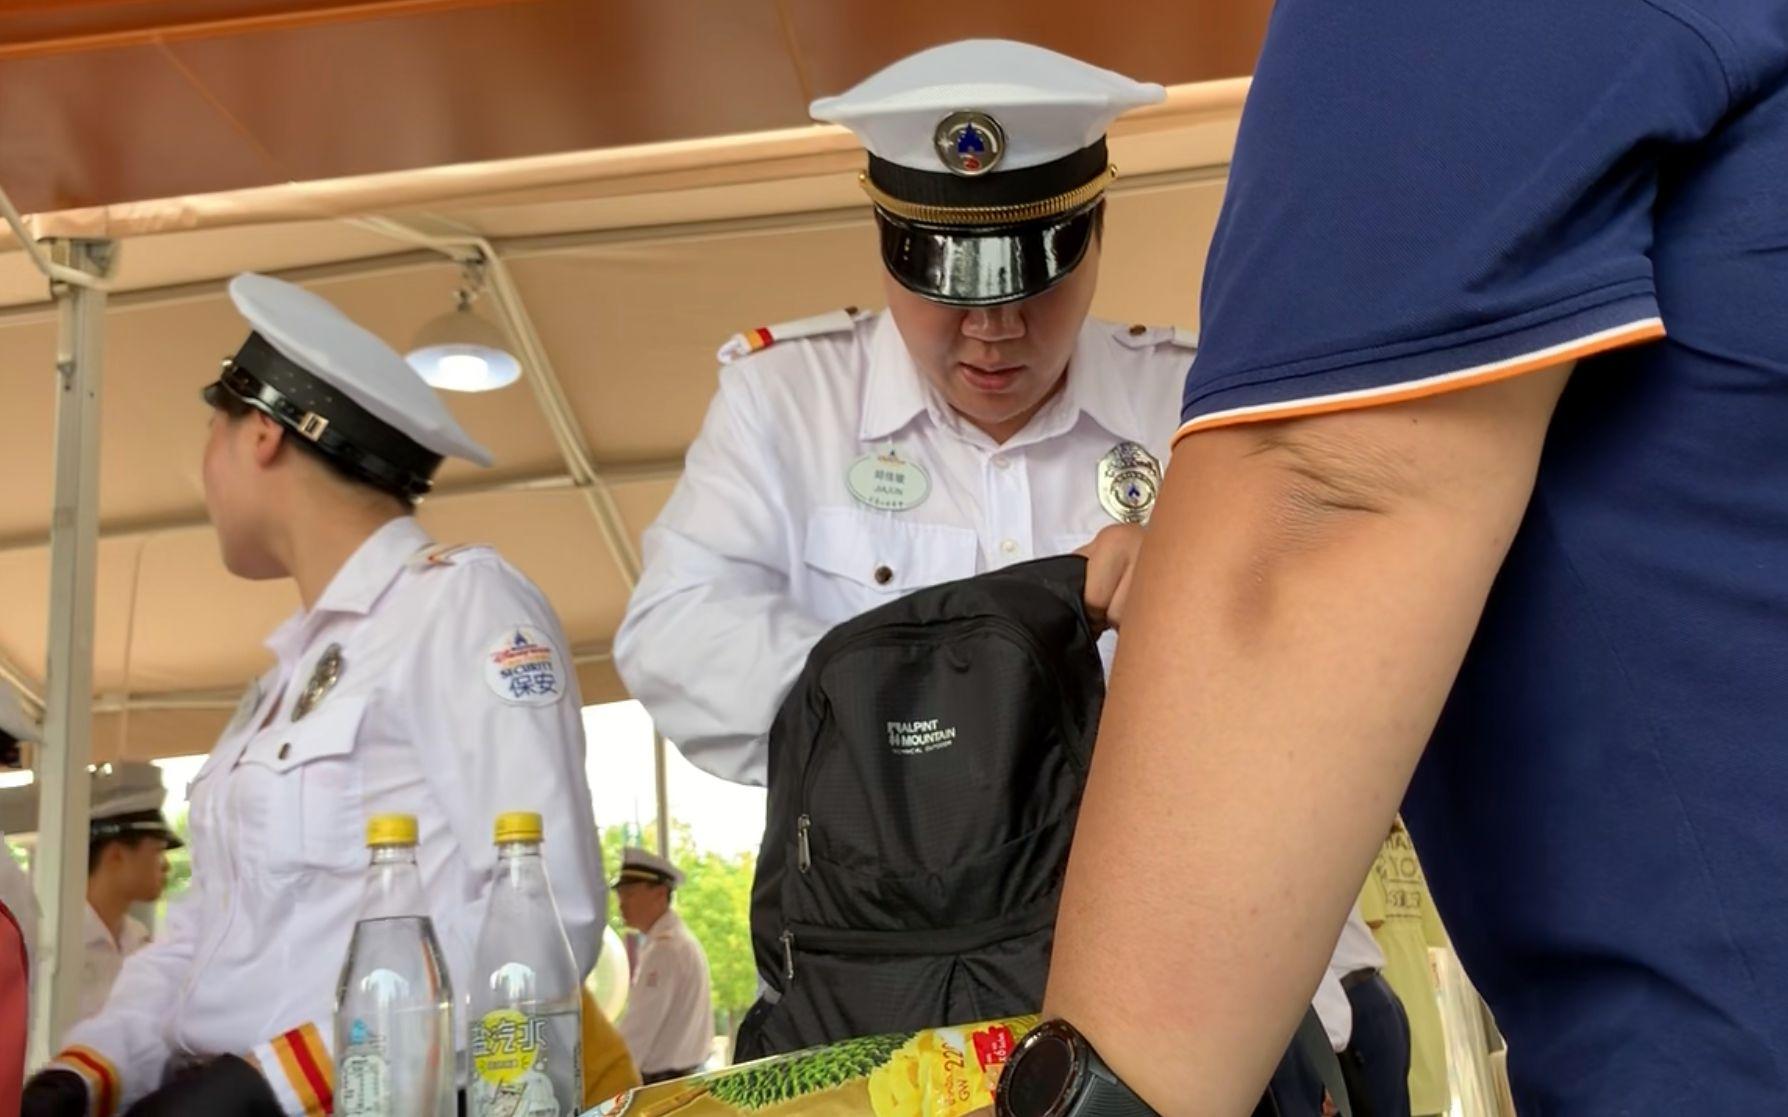 刘晓洁图片 探访上海迪士尼:人工包检依旧,自带零食准入